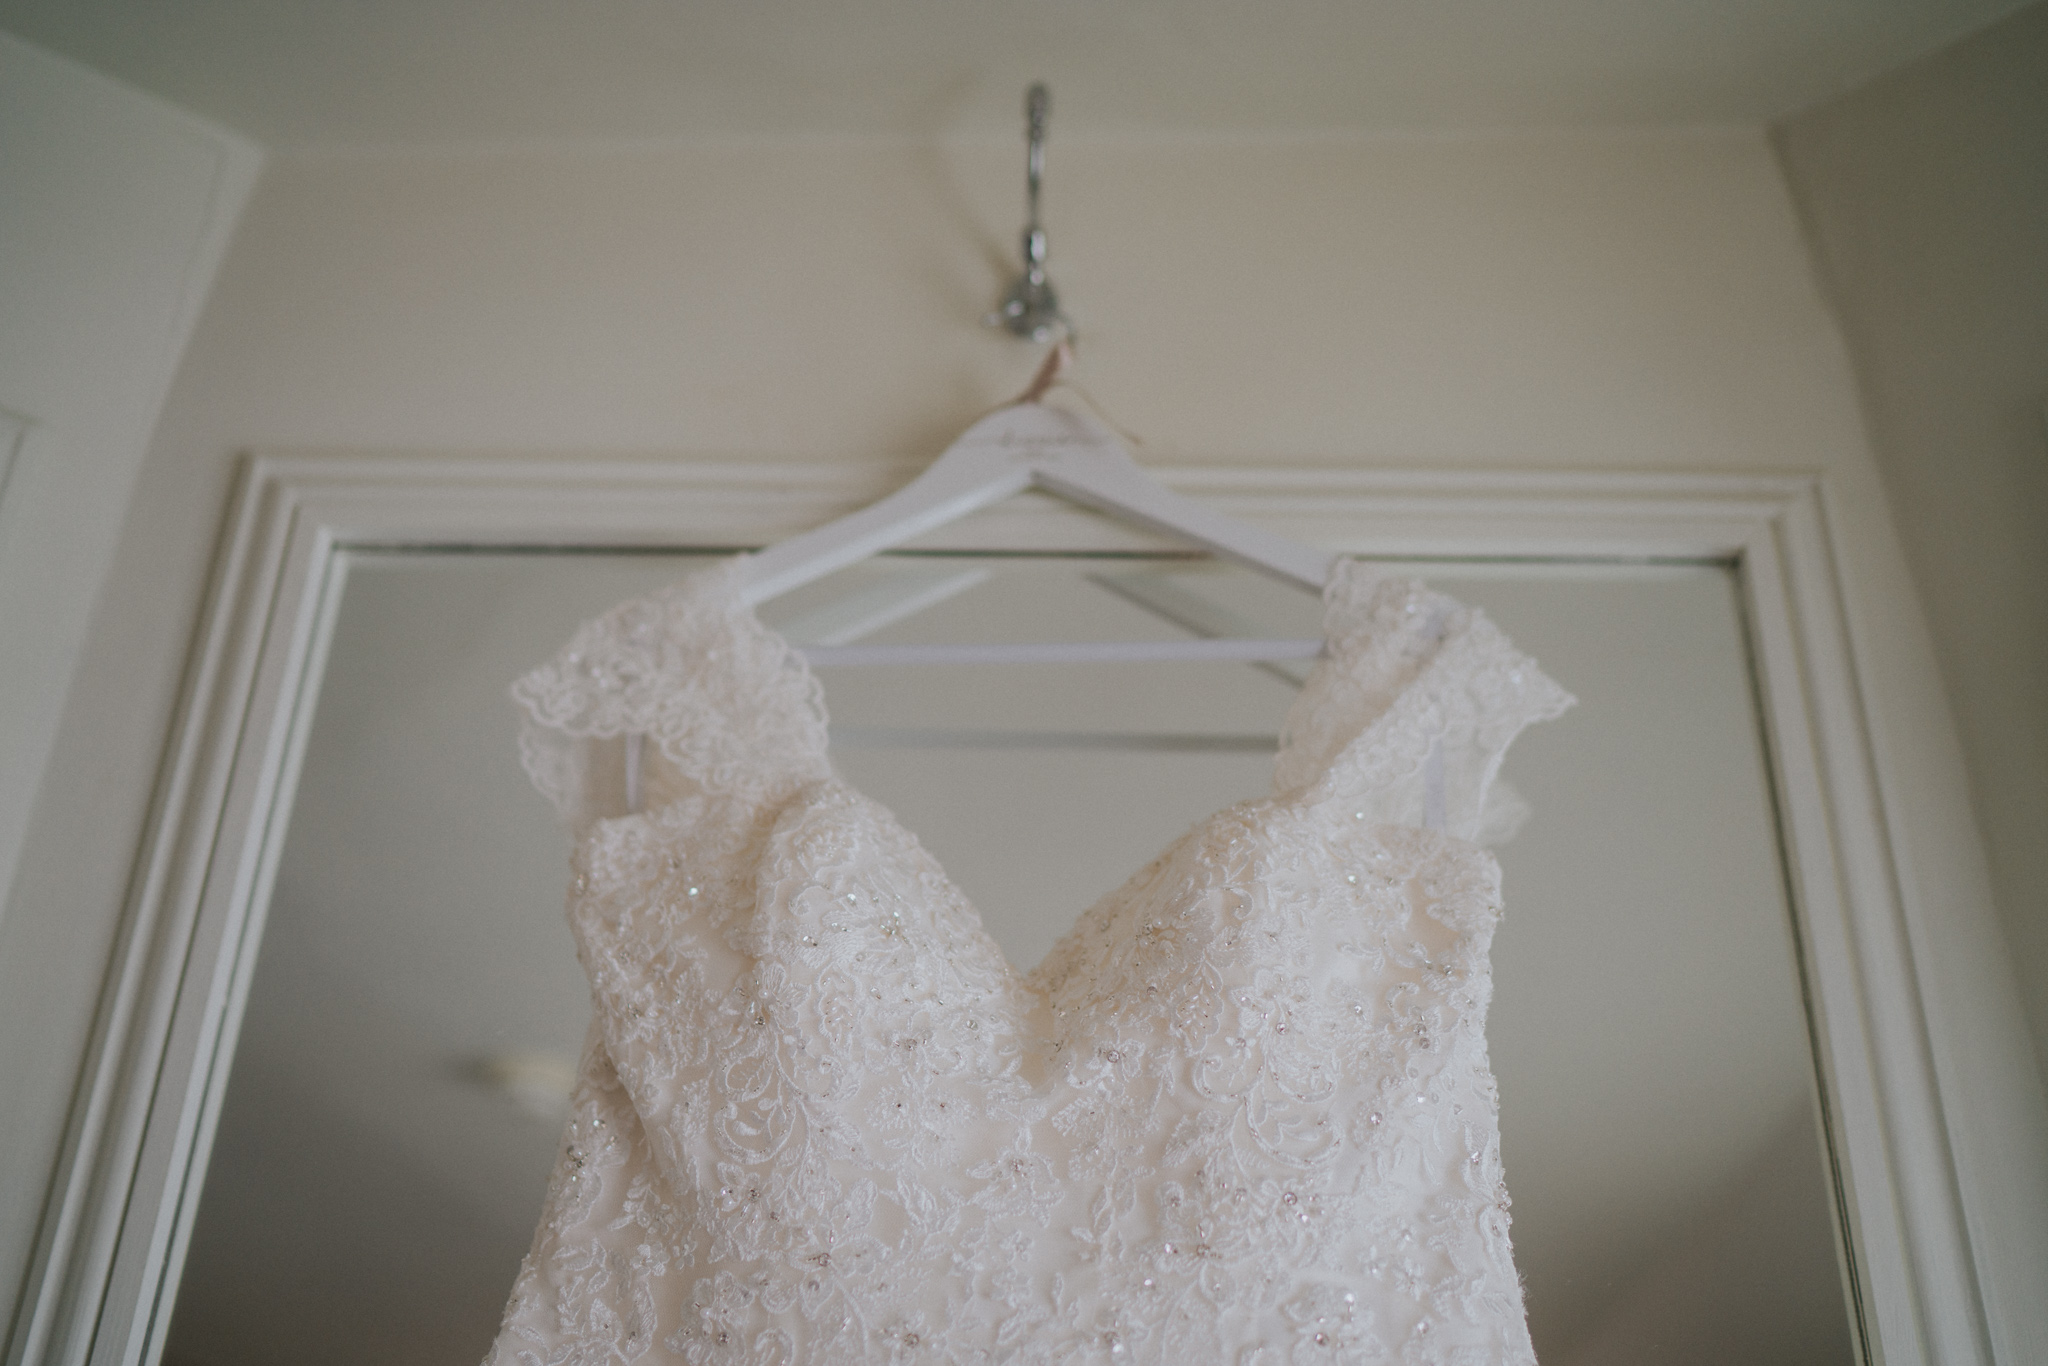 lizzie-faz-fennes-asian-fusion-wedding-grace-elizabeth-colchester-essex-alternative-wedding-lifestyle-photographer-essex-suffolk-norfolk-devon (7 of 55).jpg